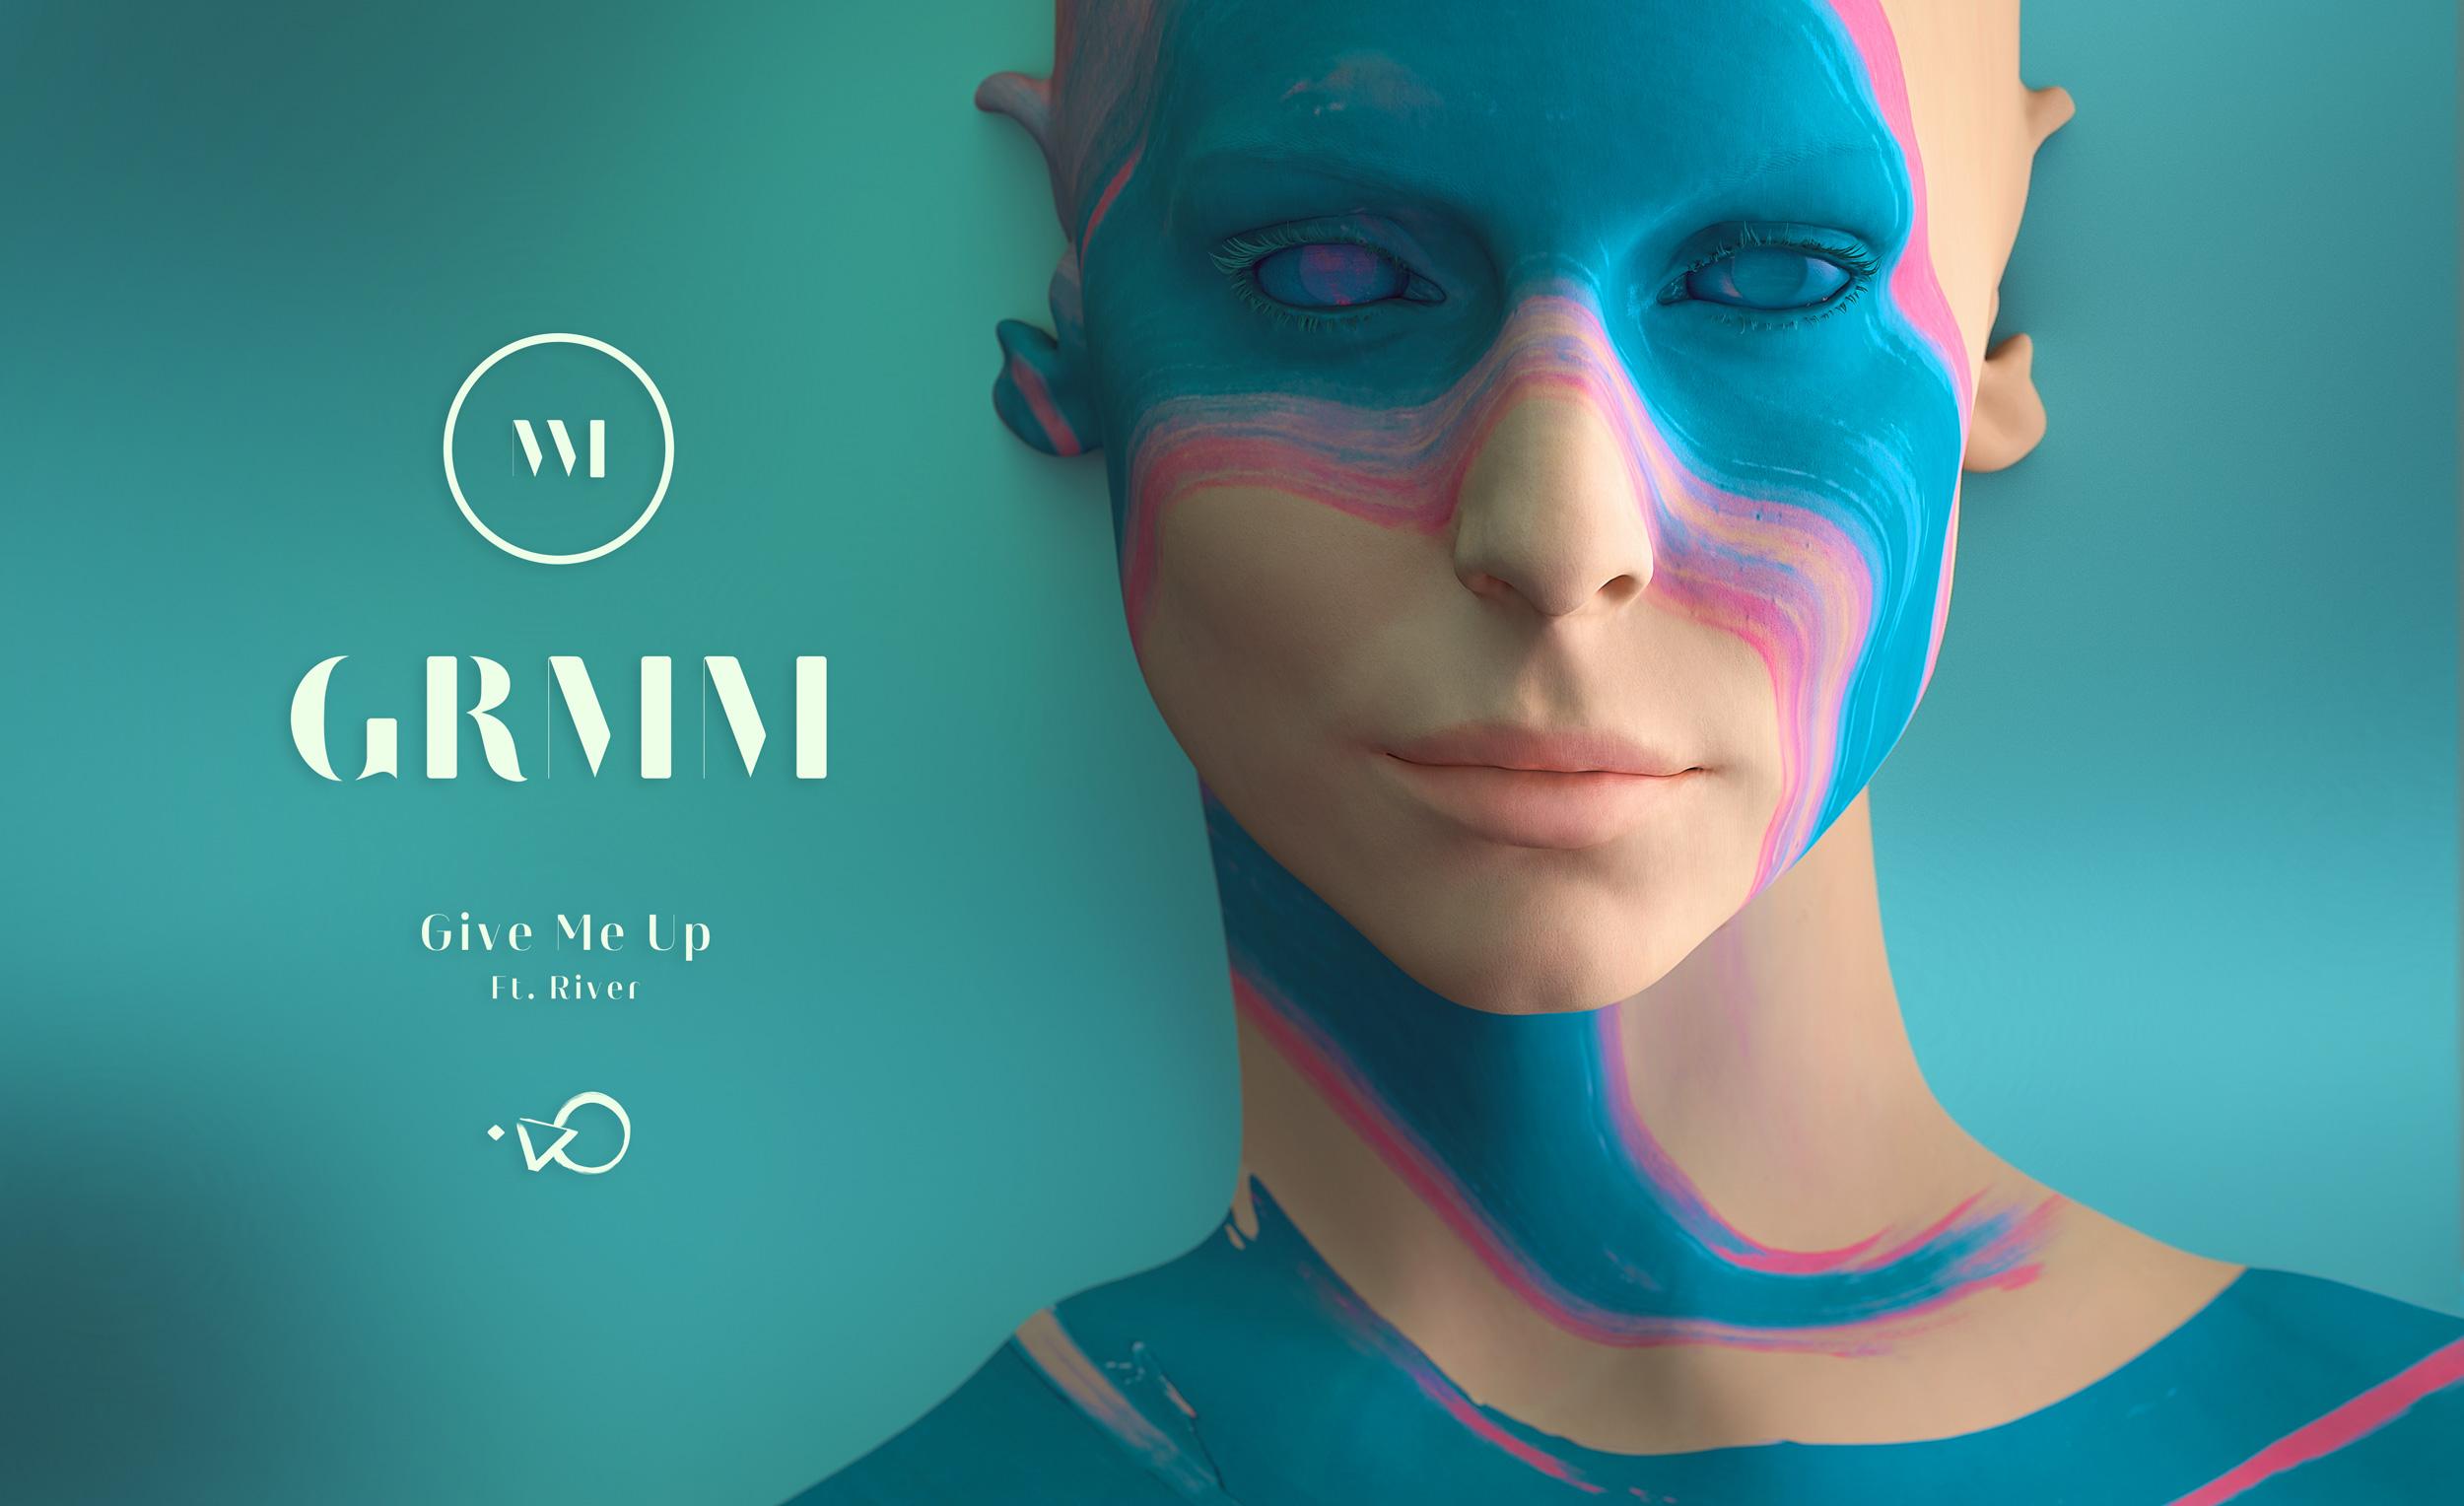 GRMM_GiveMeUp-2.jpg